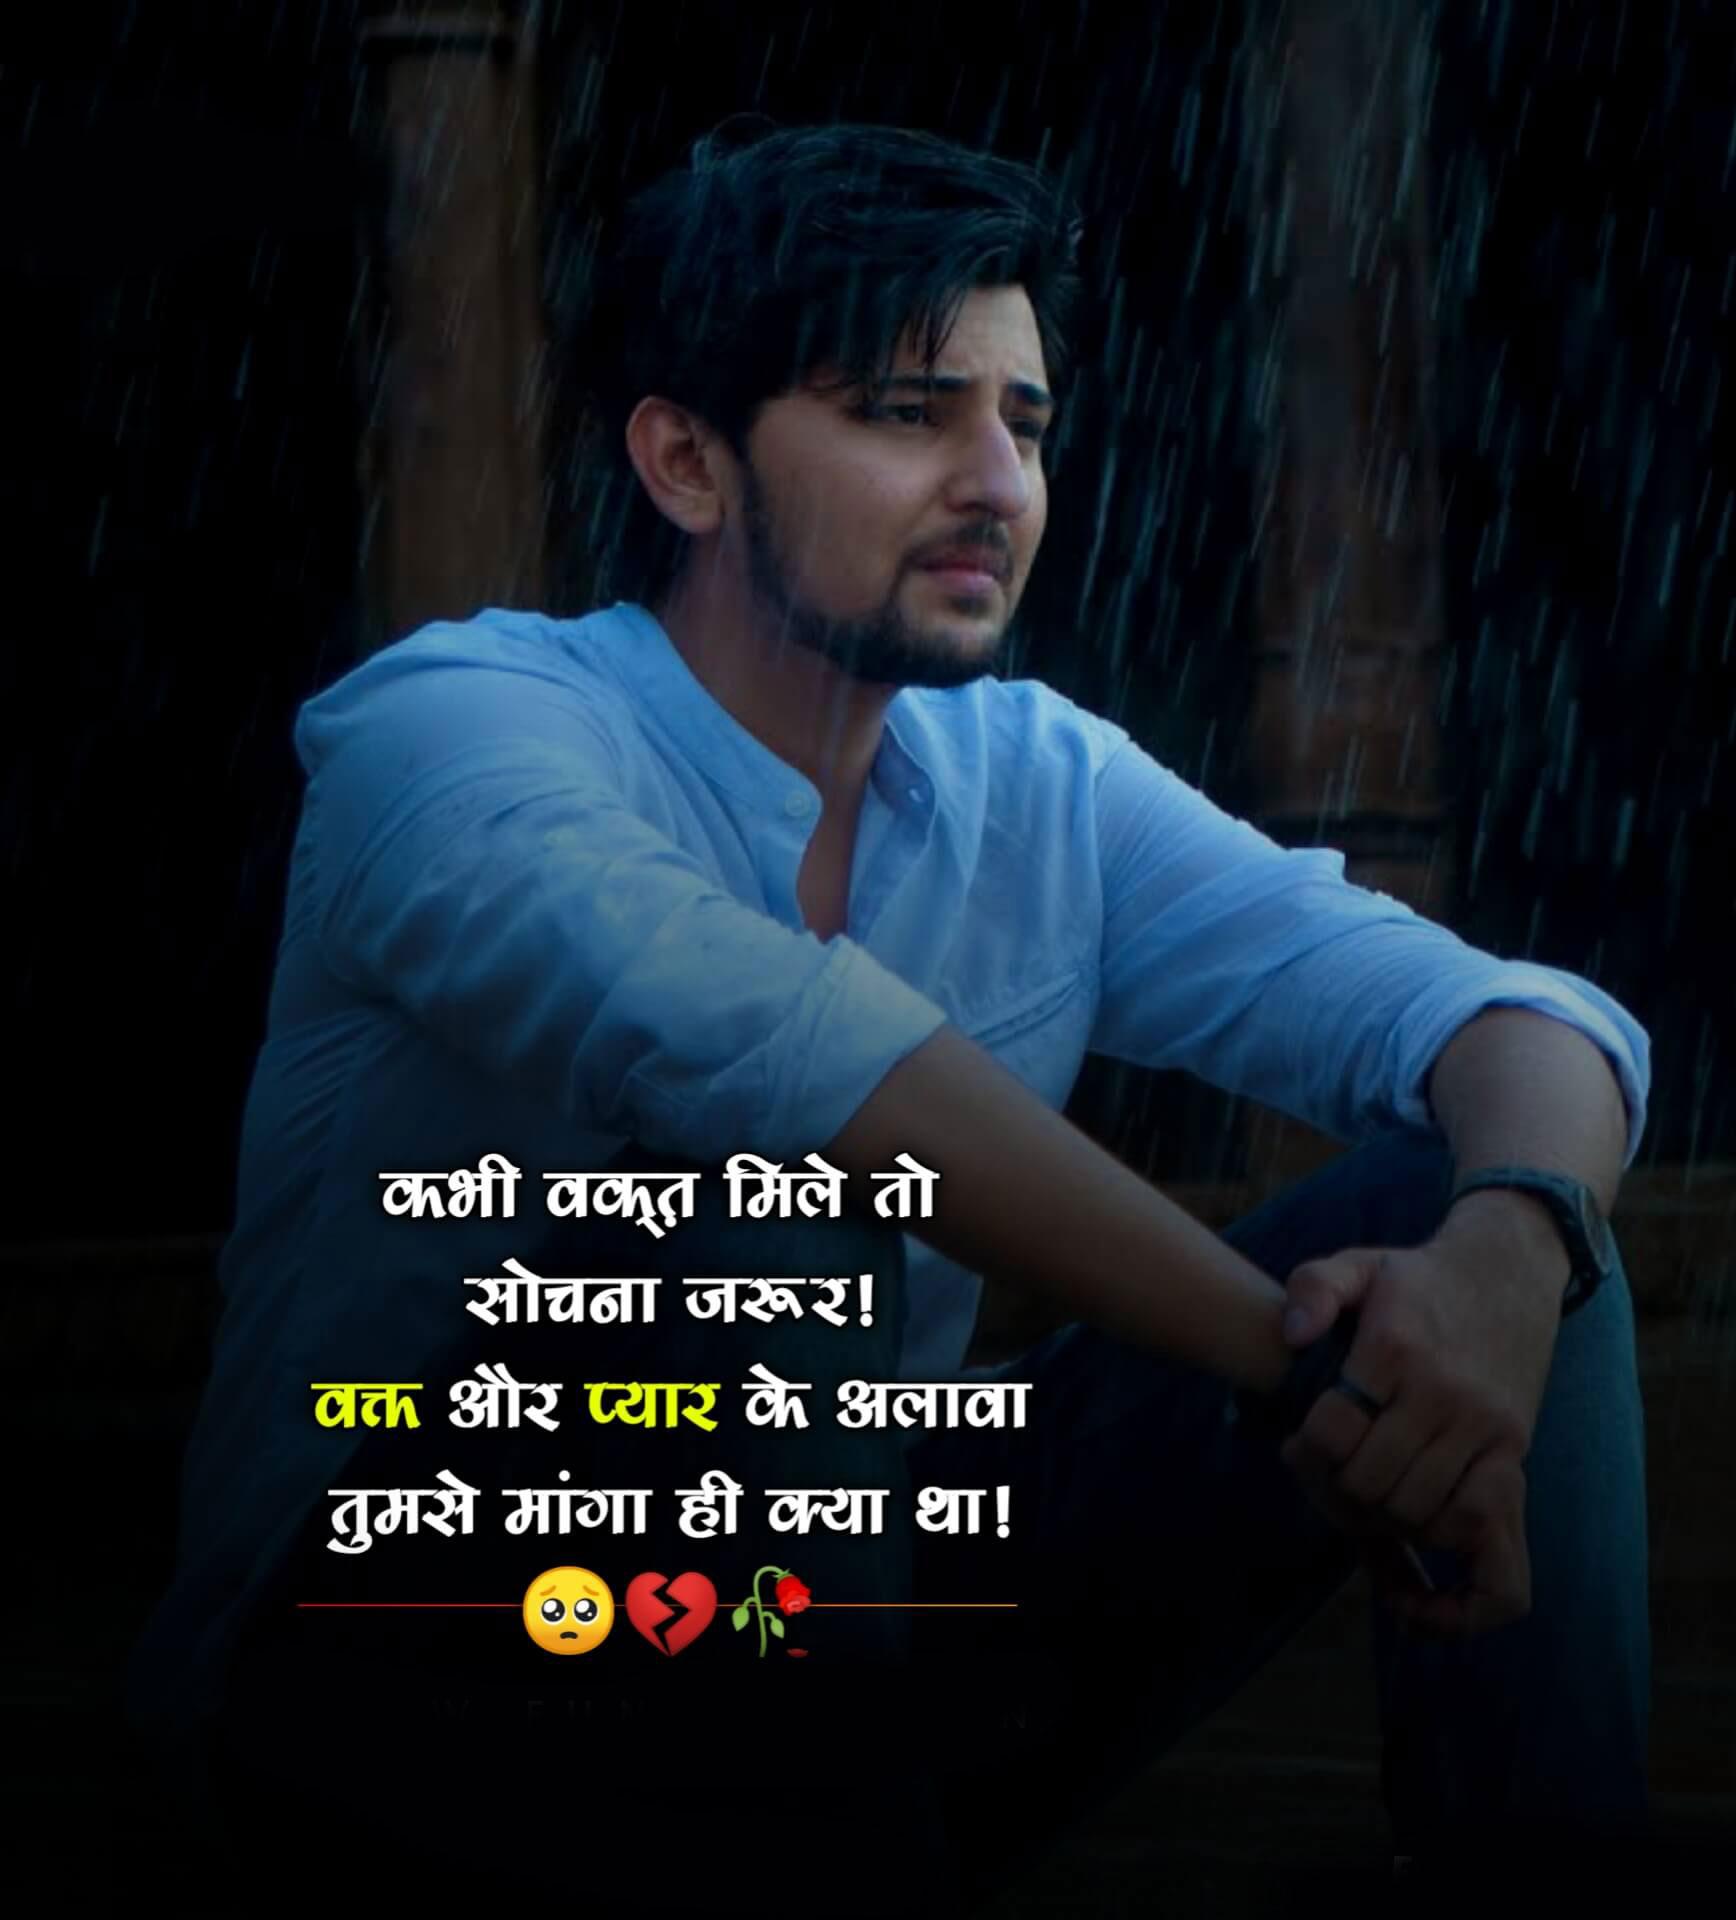 Sad Boy Shayari Images photo download